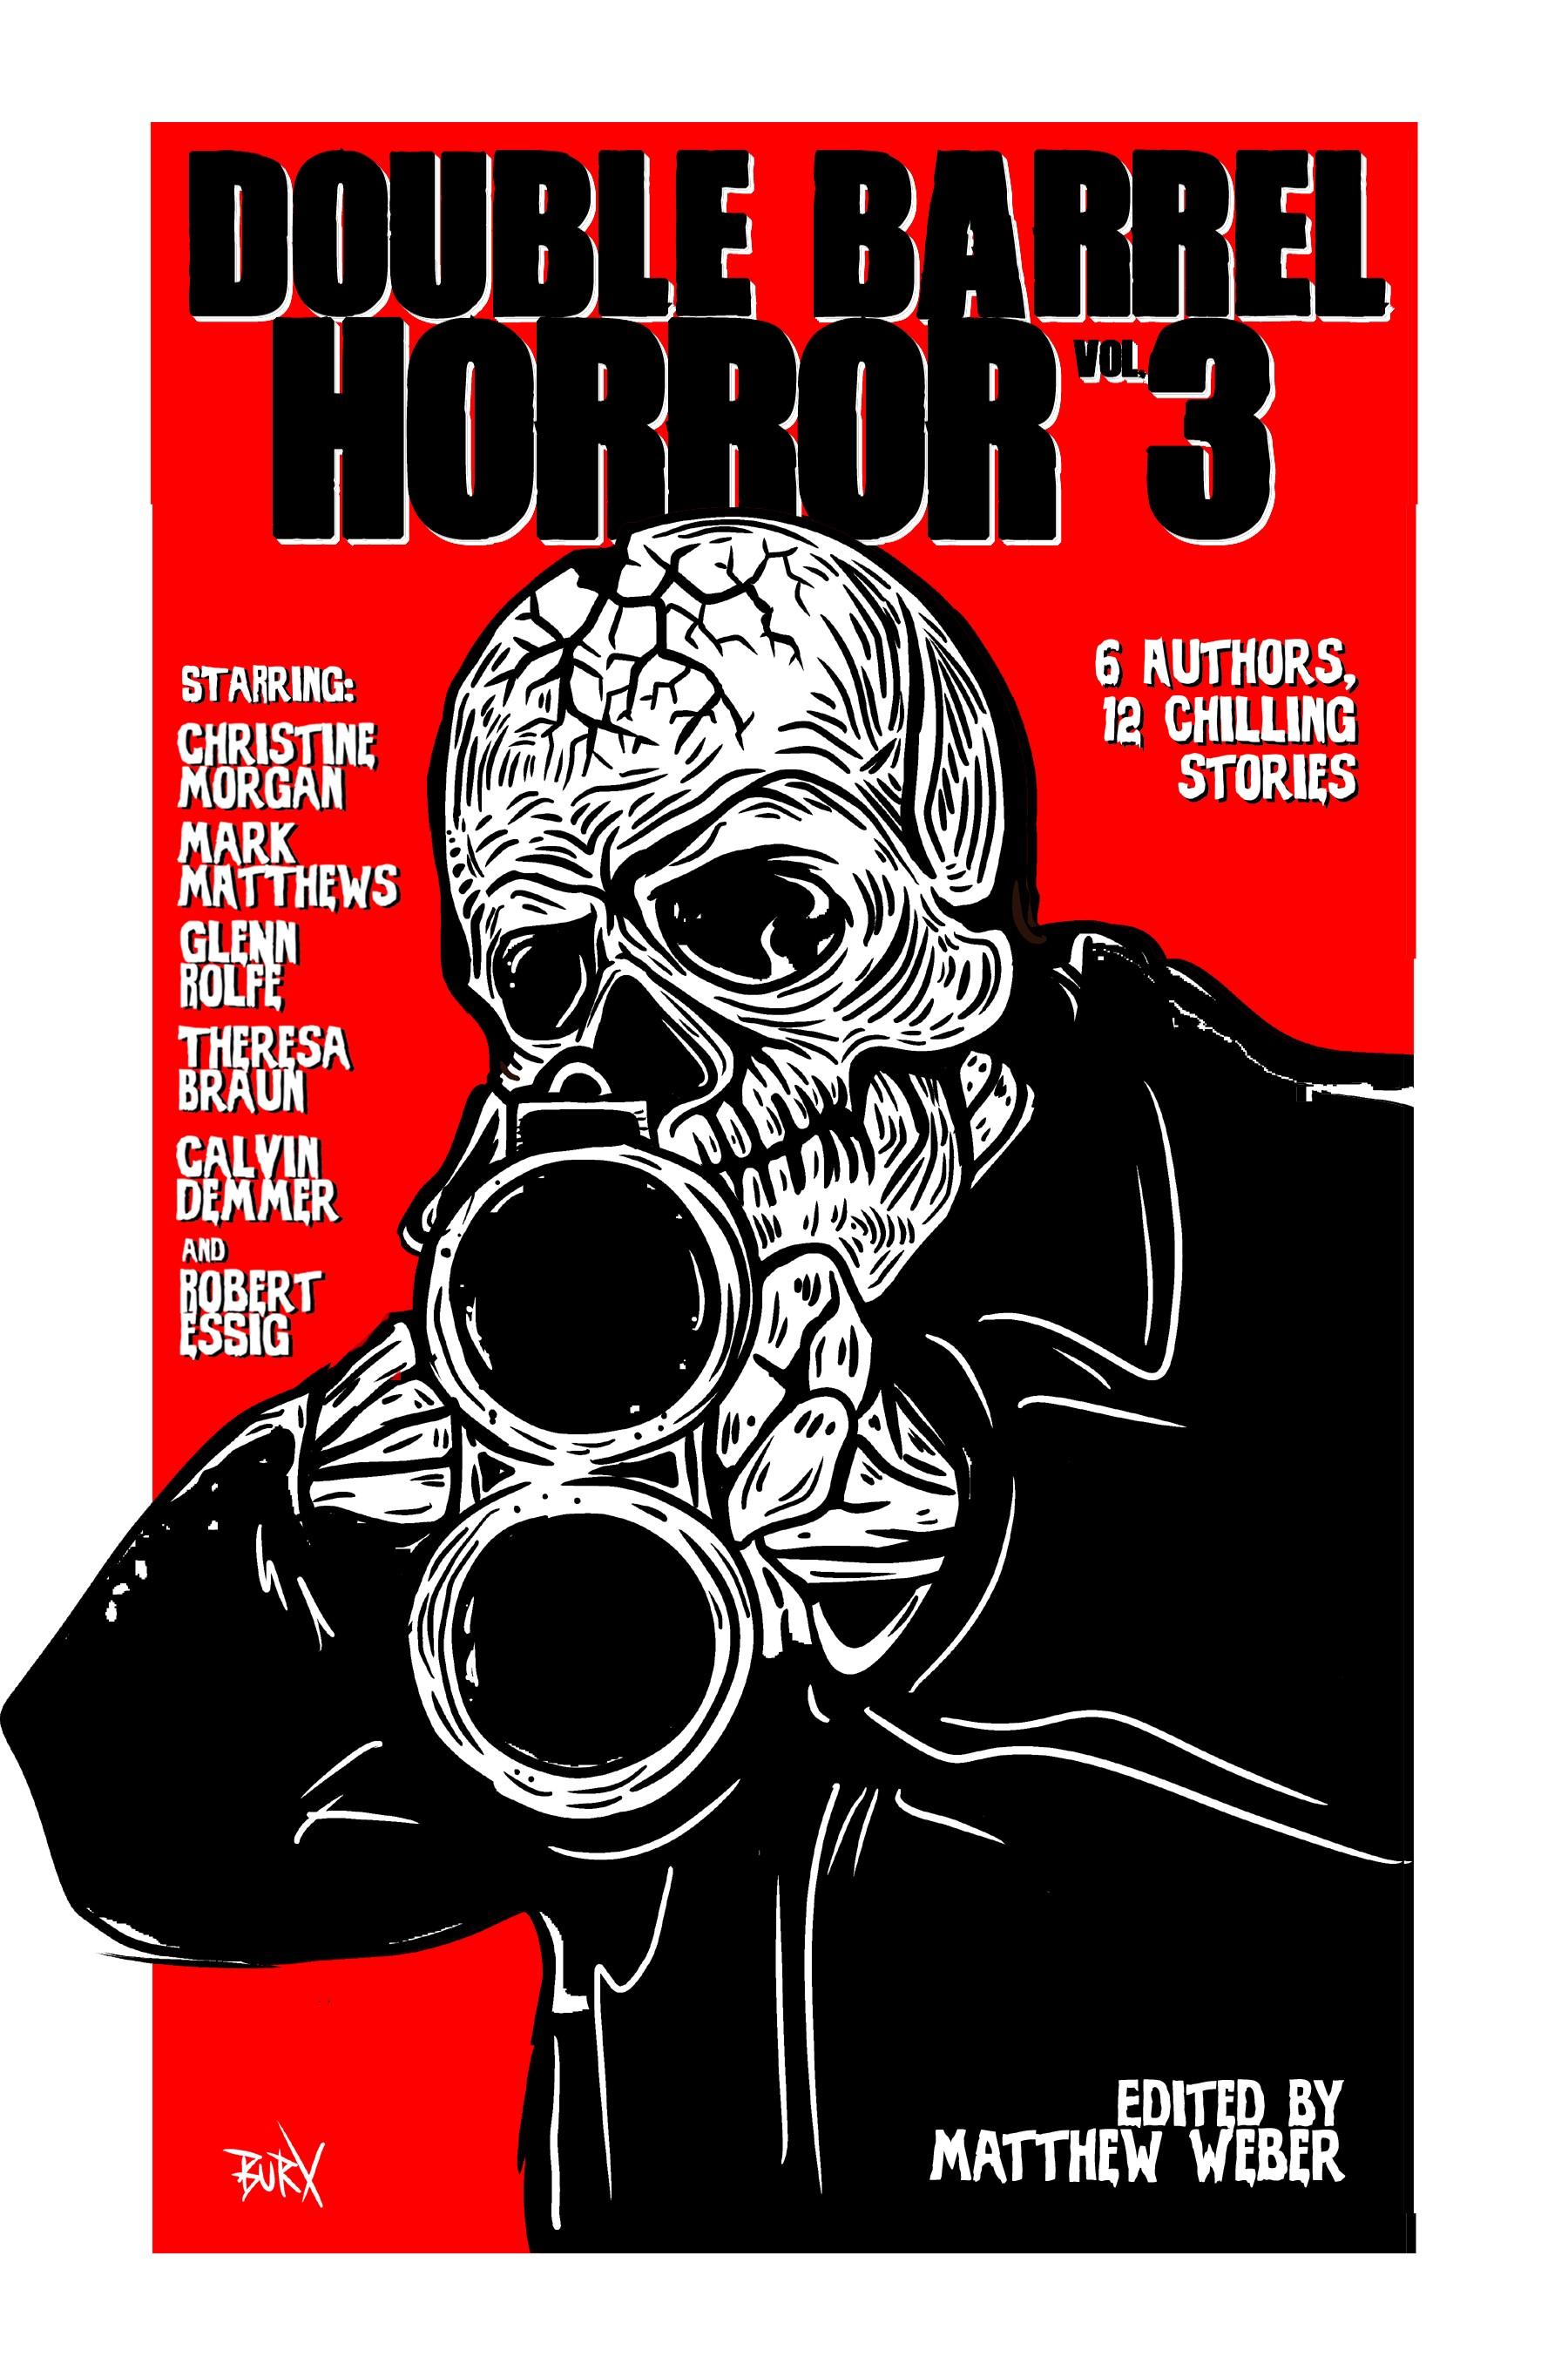 double barrel horror vol. 3